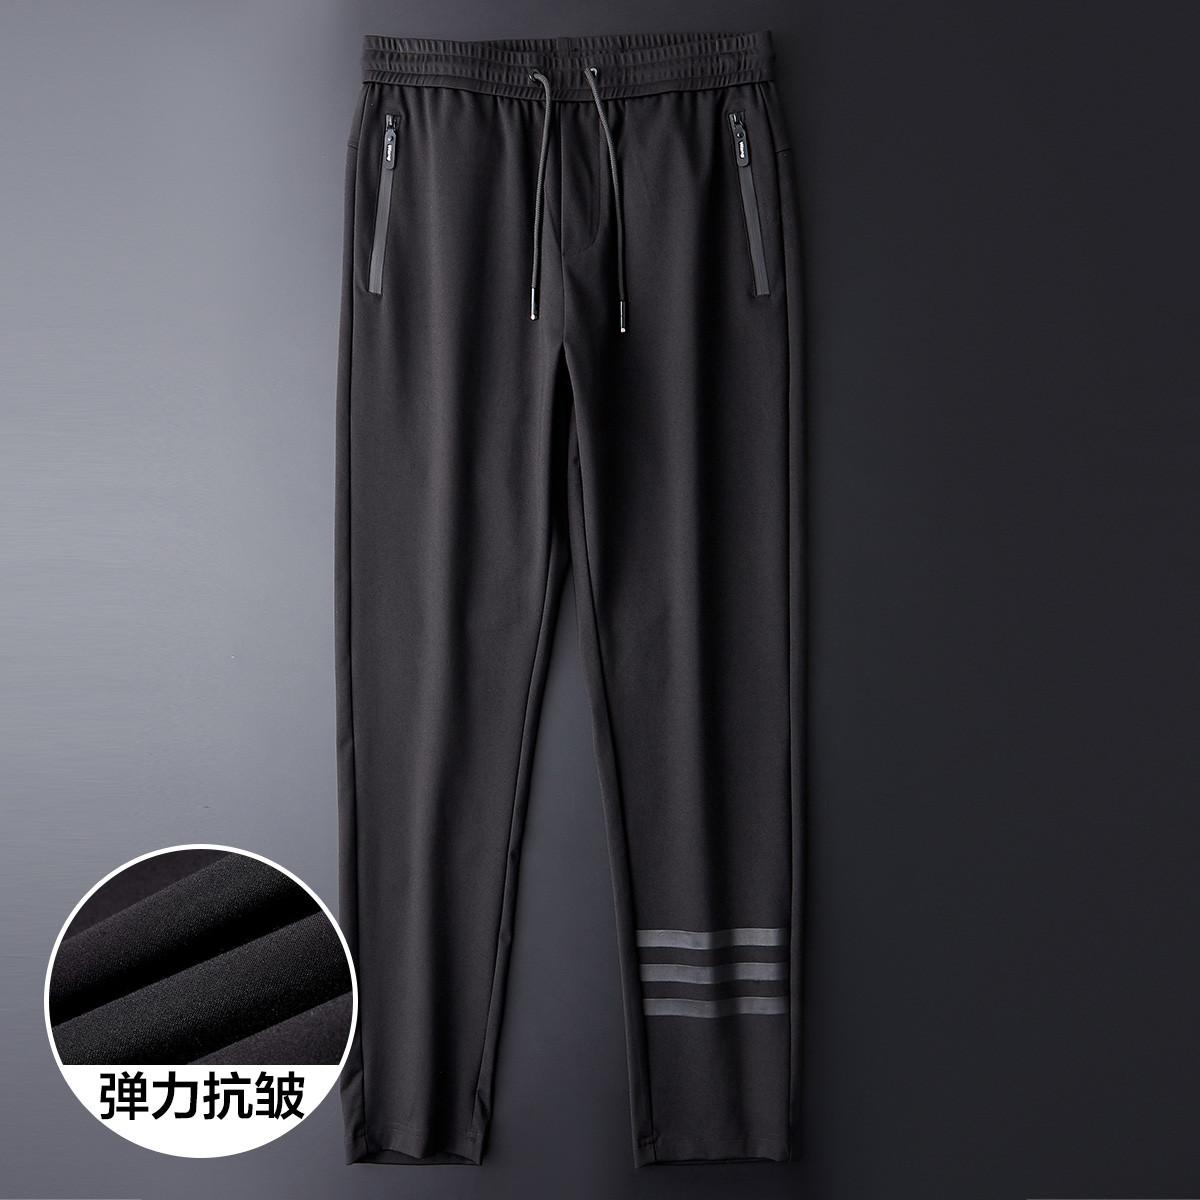 法派新款男士商务百搭顺滑透气休闲裤男式裤子男式休闲裤X2A1293Y01